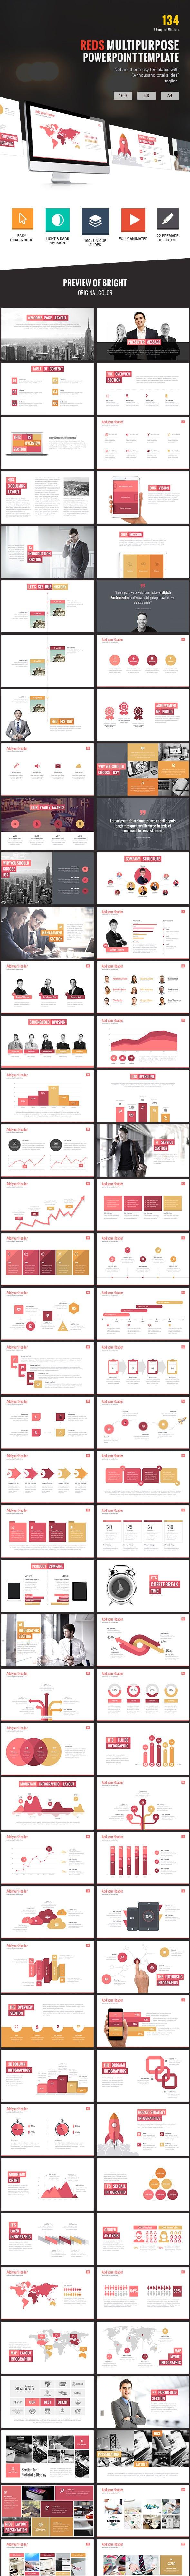 red s creative multipurpose powerpoint template by slidewerk